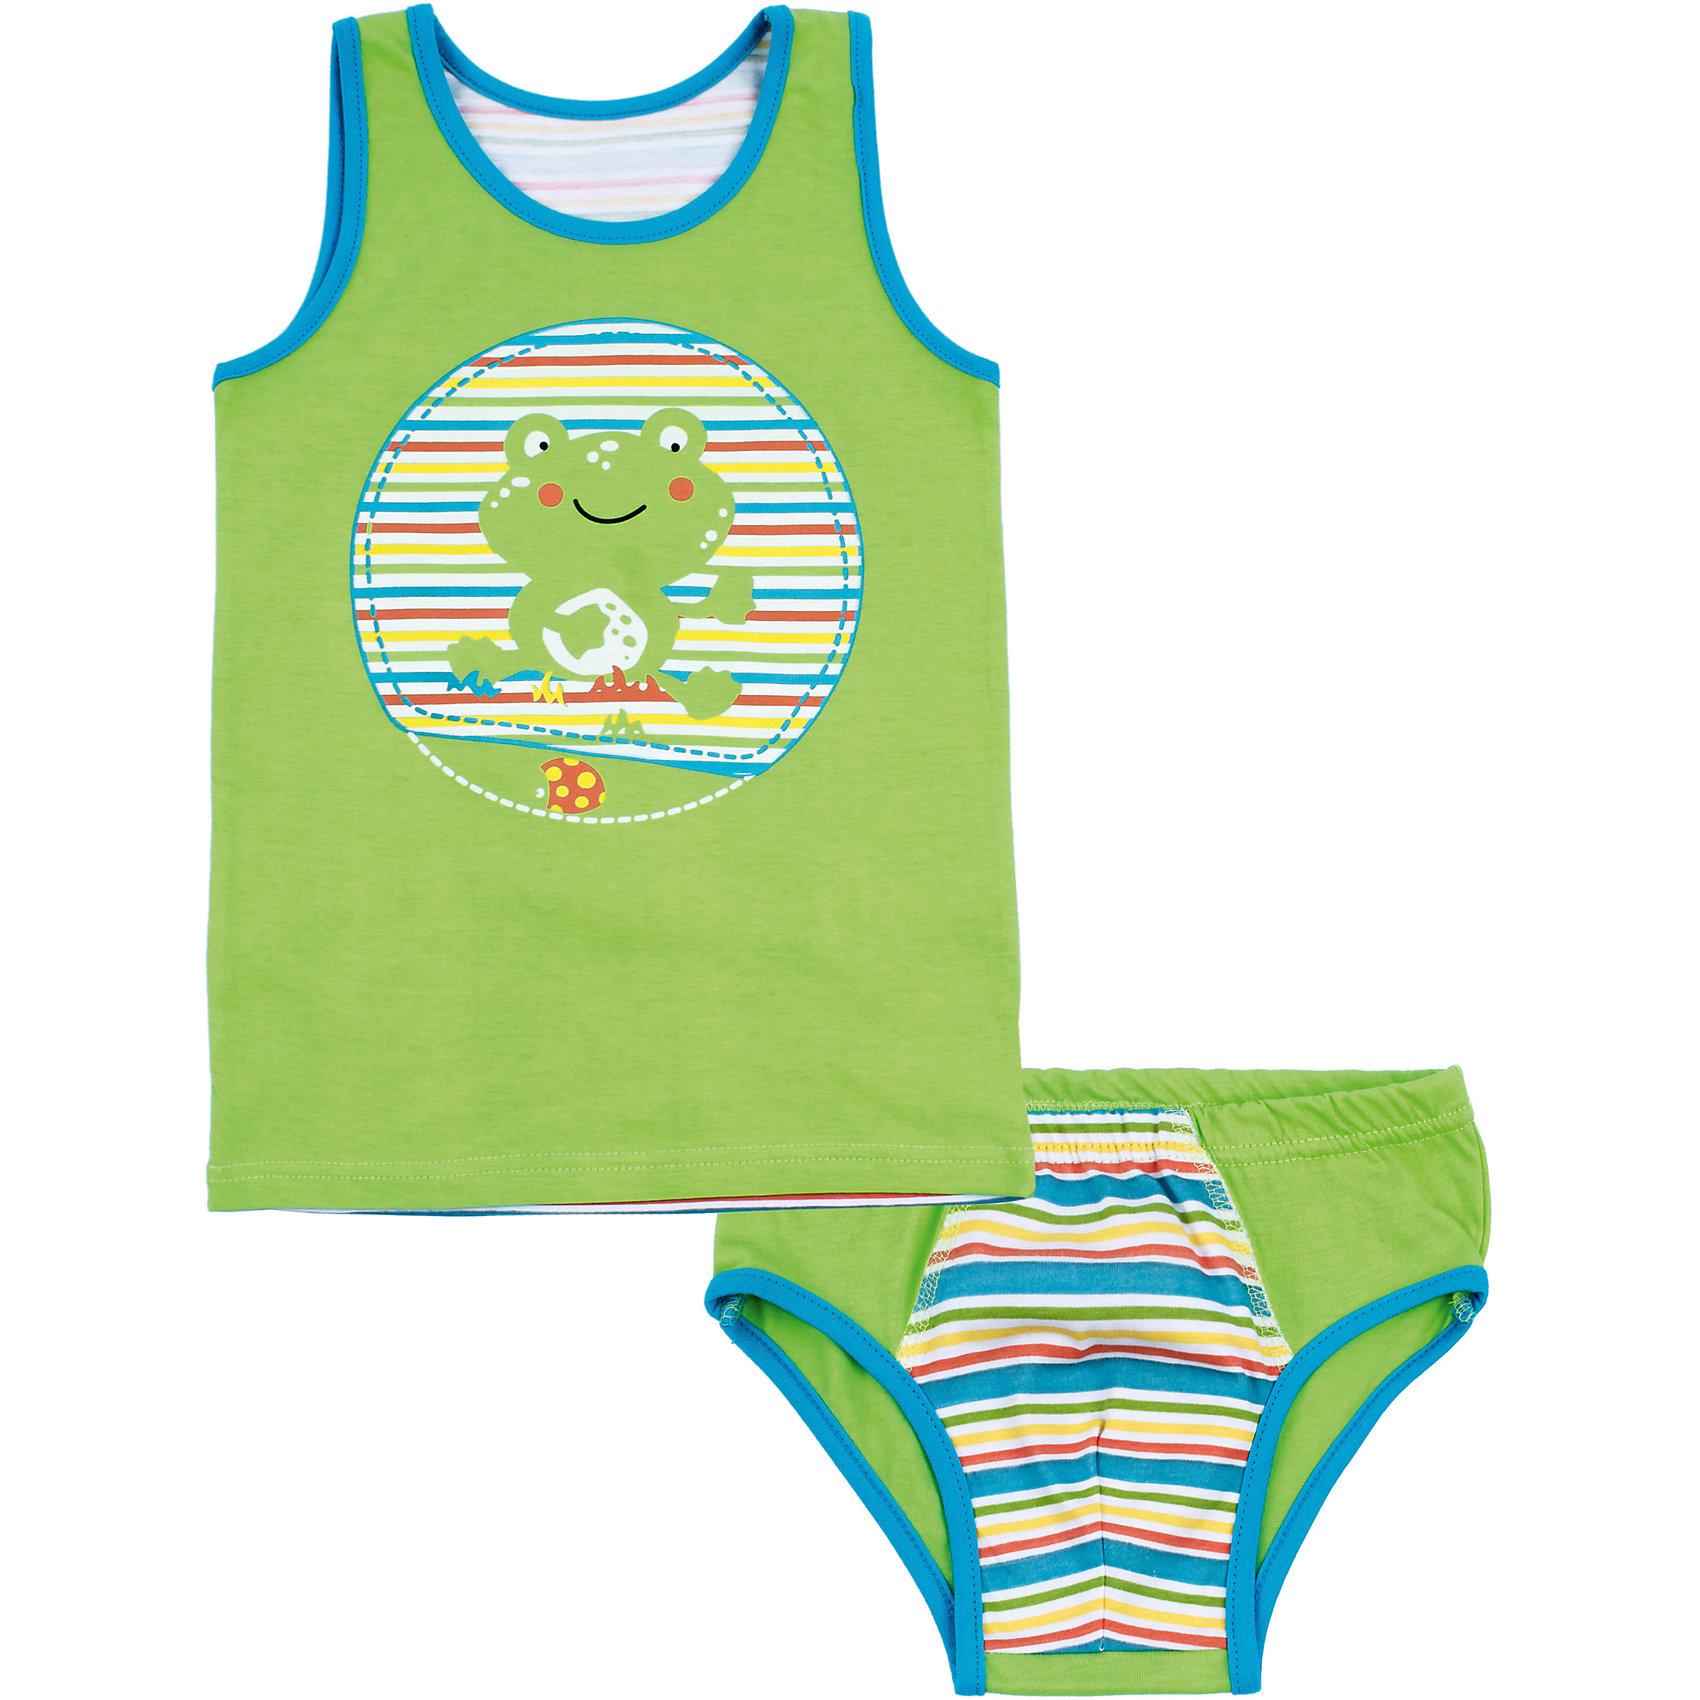 Комплект: майка и трусы для мальчика АпрельНижнее бельё<br>Характеристики товара:<br><br>• цвет: зеленый<br>• состав: хлопок 100%<br>• комплектация: майка, трусы<br>• декорирован принтом<br>• мягкая окантовка<br>• швы не натирают<br>• натуральный материал<br>• позволяет телу дышать<br>• гипоаллергенная ткань<br>• страна бренда: Российская Федерация<br>• страна производства: Российская Федерация<br><br>Комплект нижнего белья для мальчика. Майка с принтов виде лягушонка. Спинка майки в полоску. Комплект с мягкой окантовкой краев.<br><br>Комплект: майка и трусы для мальчика Апрель можно купить в нашем интернет-магазине.<br><br>Ширина мм: 196<br>Глубина мм: 10<br>Высота мм: 154<br>Вес г: 152<br>Цвет: голубой<br>Возраст от месяцев: 48<br>Возраст до месяцев: 60<br>Пол: Мужской<br>Возраст: Детский<br>Размер: 110,92,98,104<br>SKU: 6714728